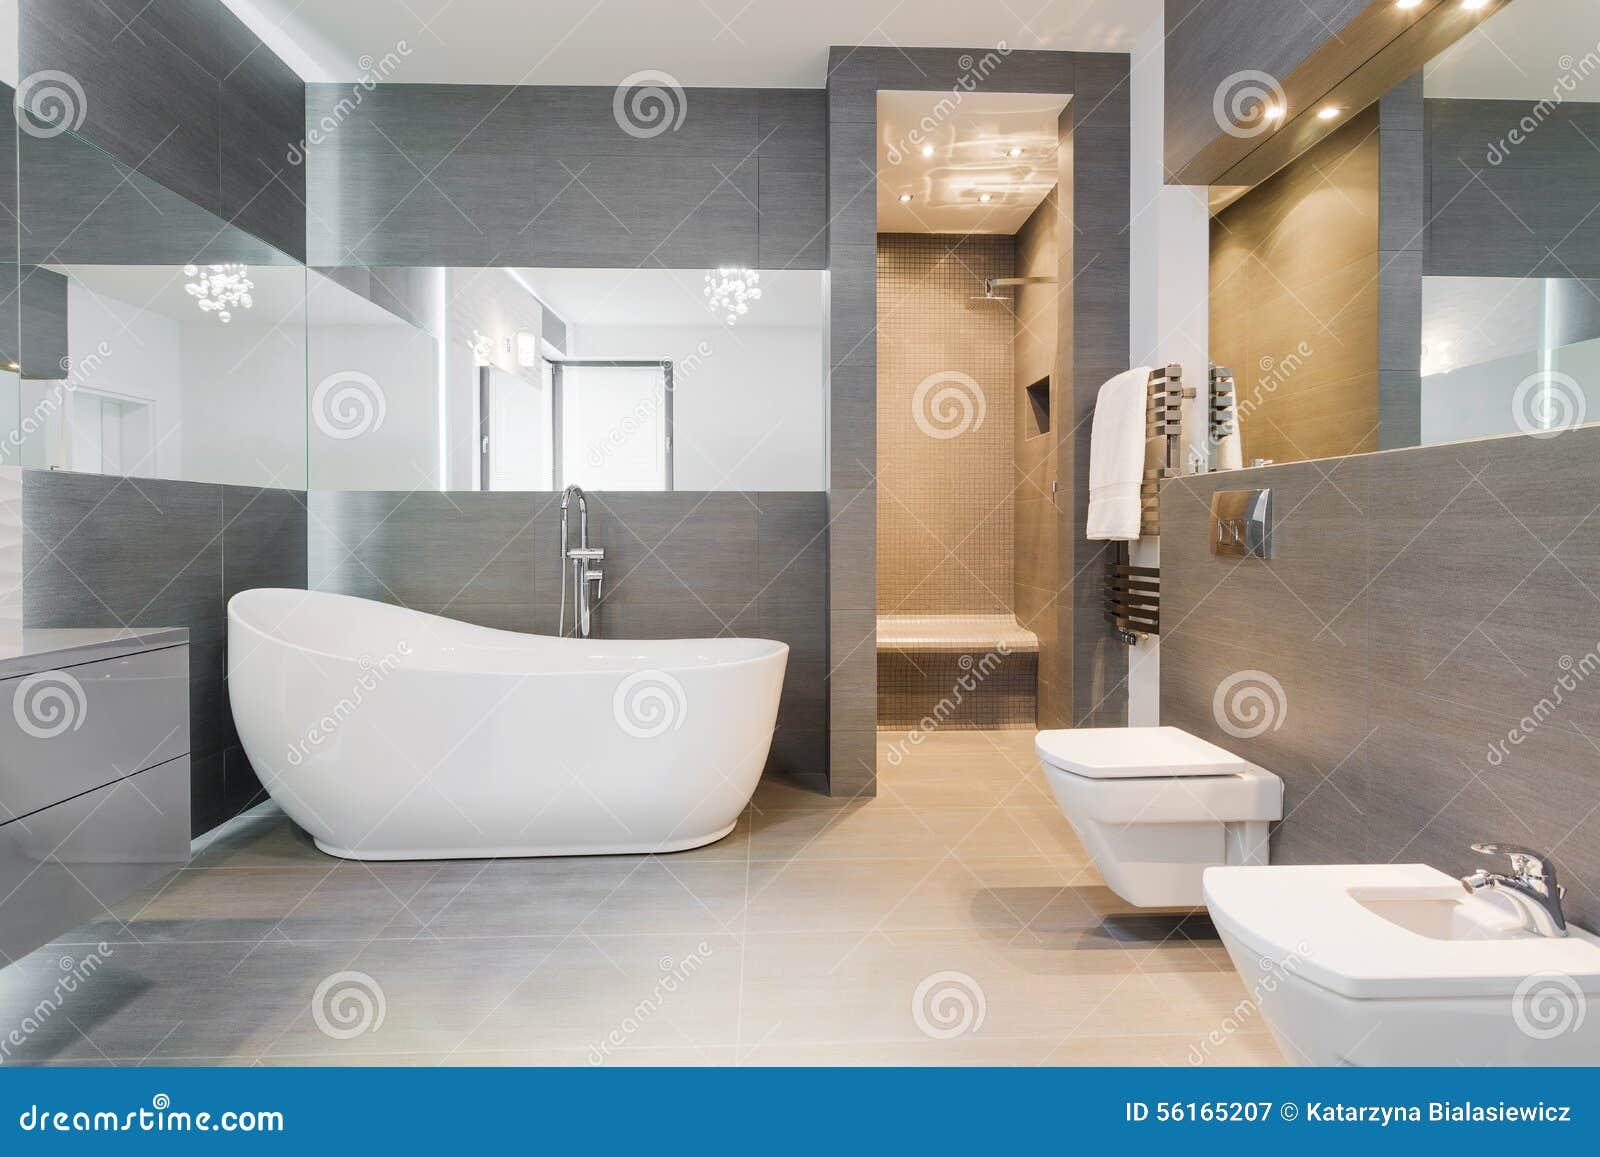 Bagno Indipendente In Bagno Moderno Immagine Stock - Immagine di ...